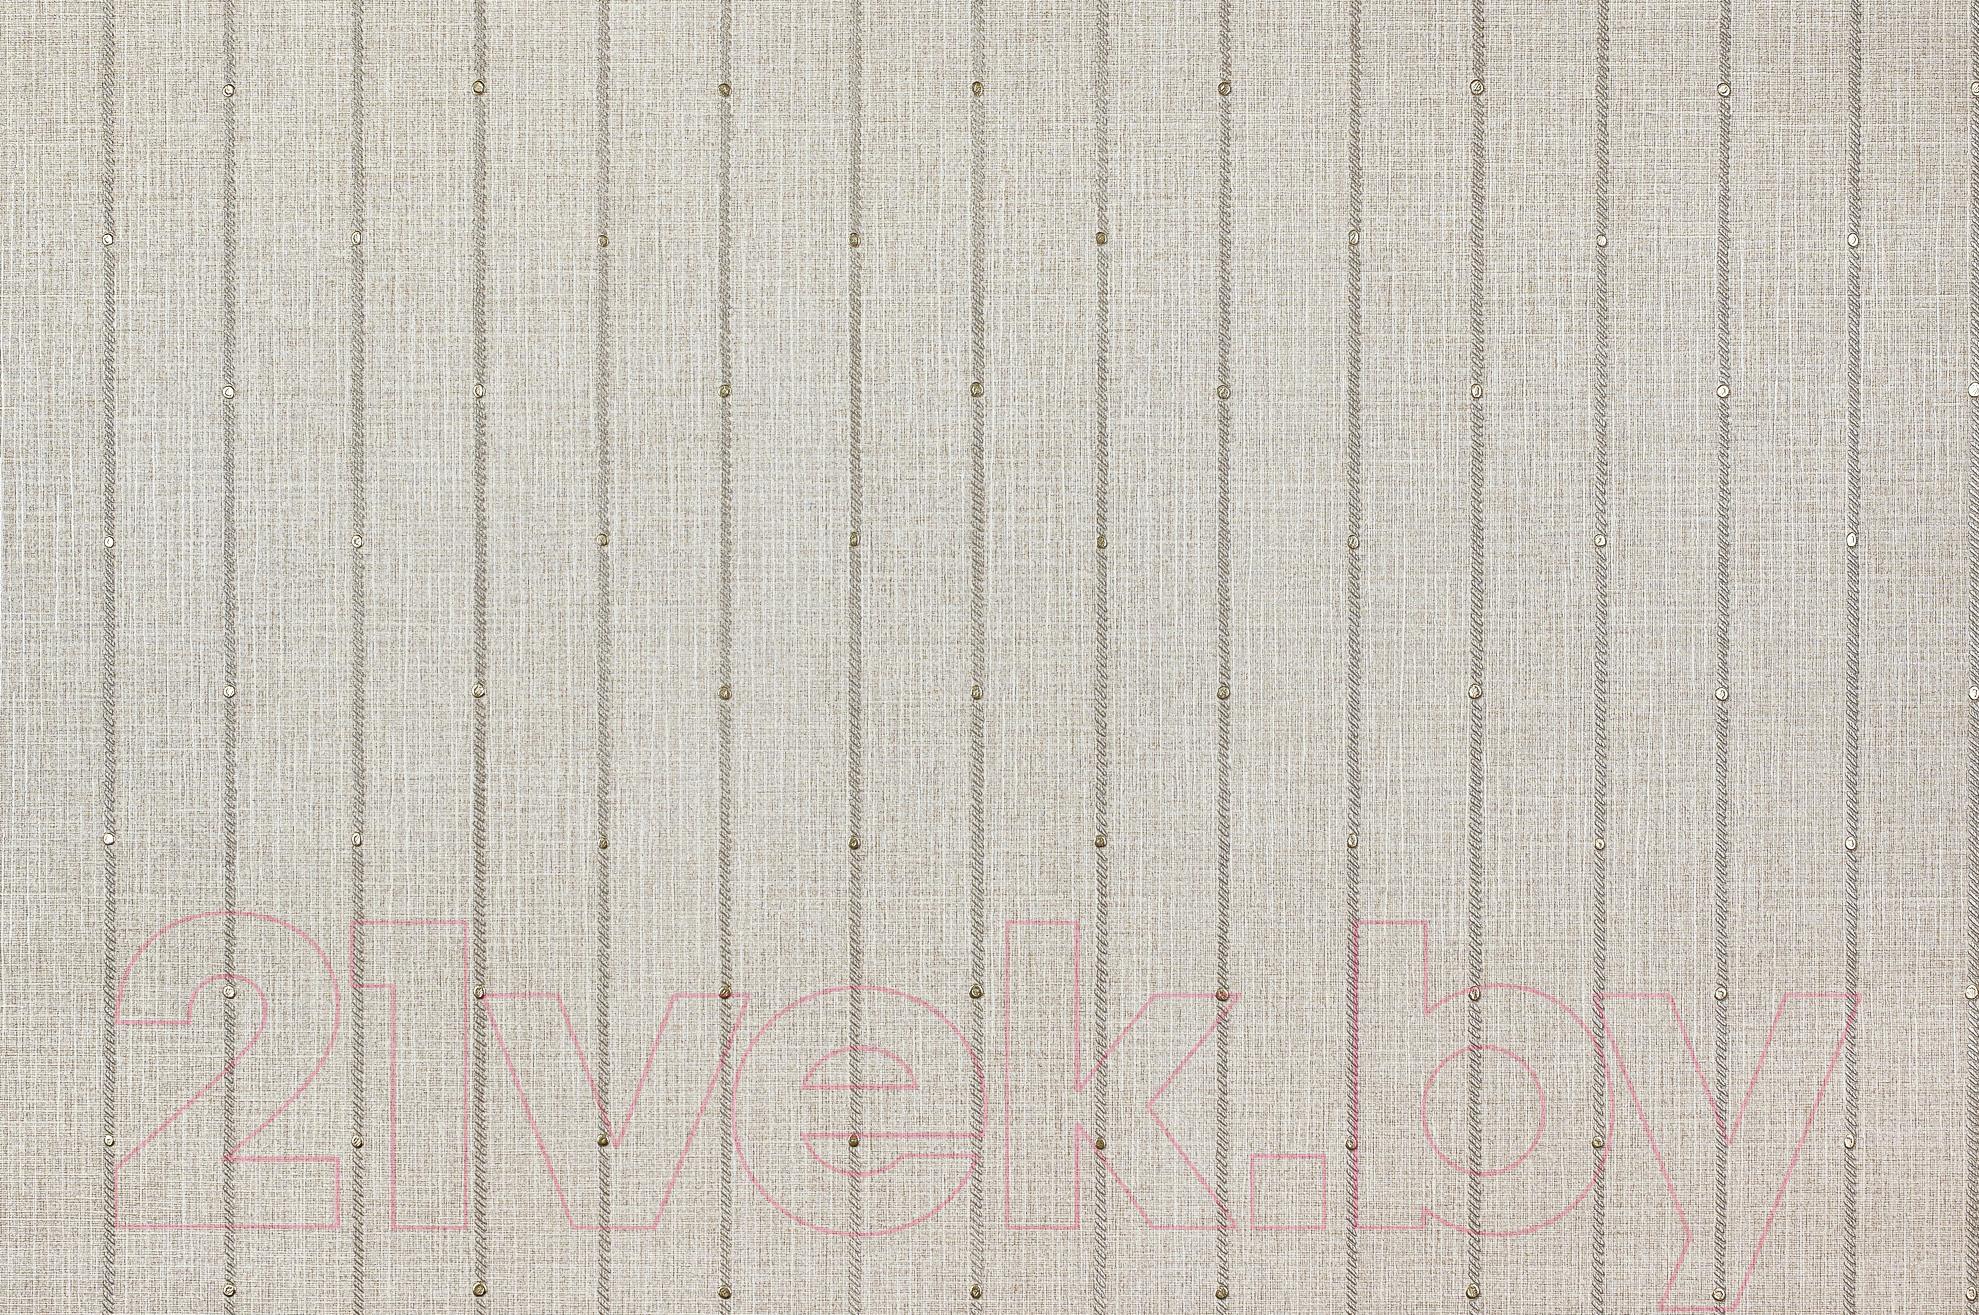 Купить Обои Артекс, Бенедикт 10205-02, Россия, серый